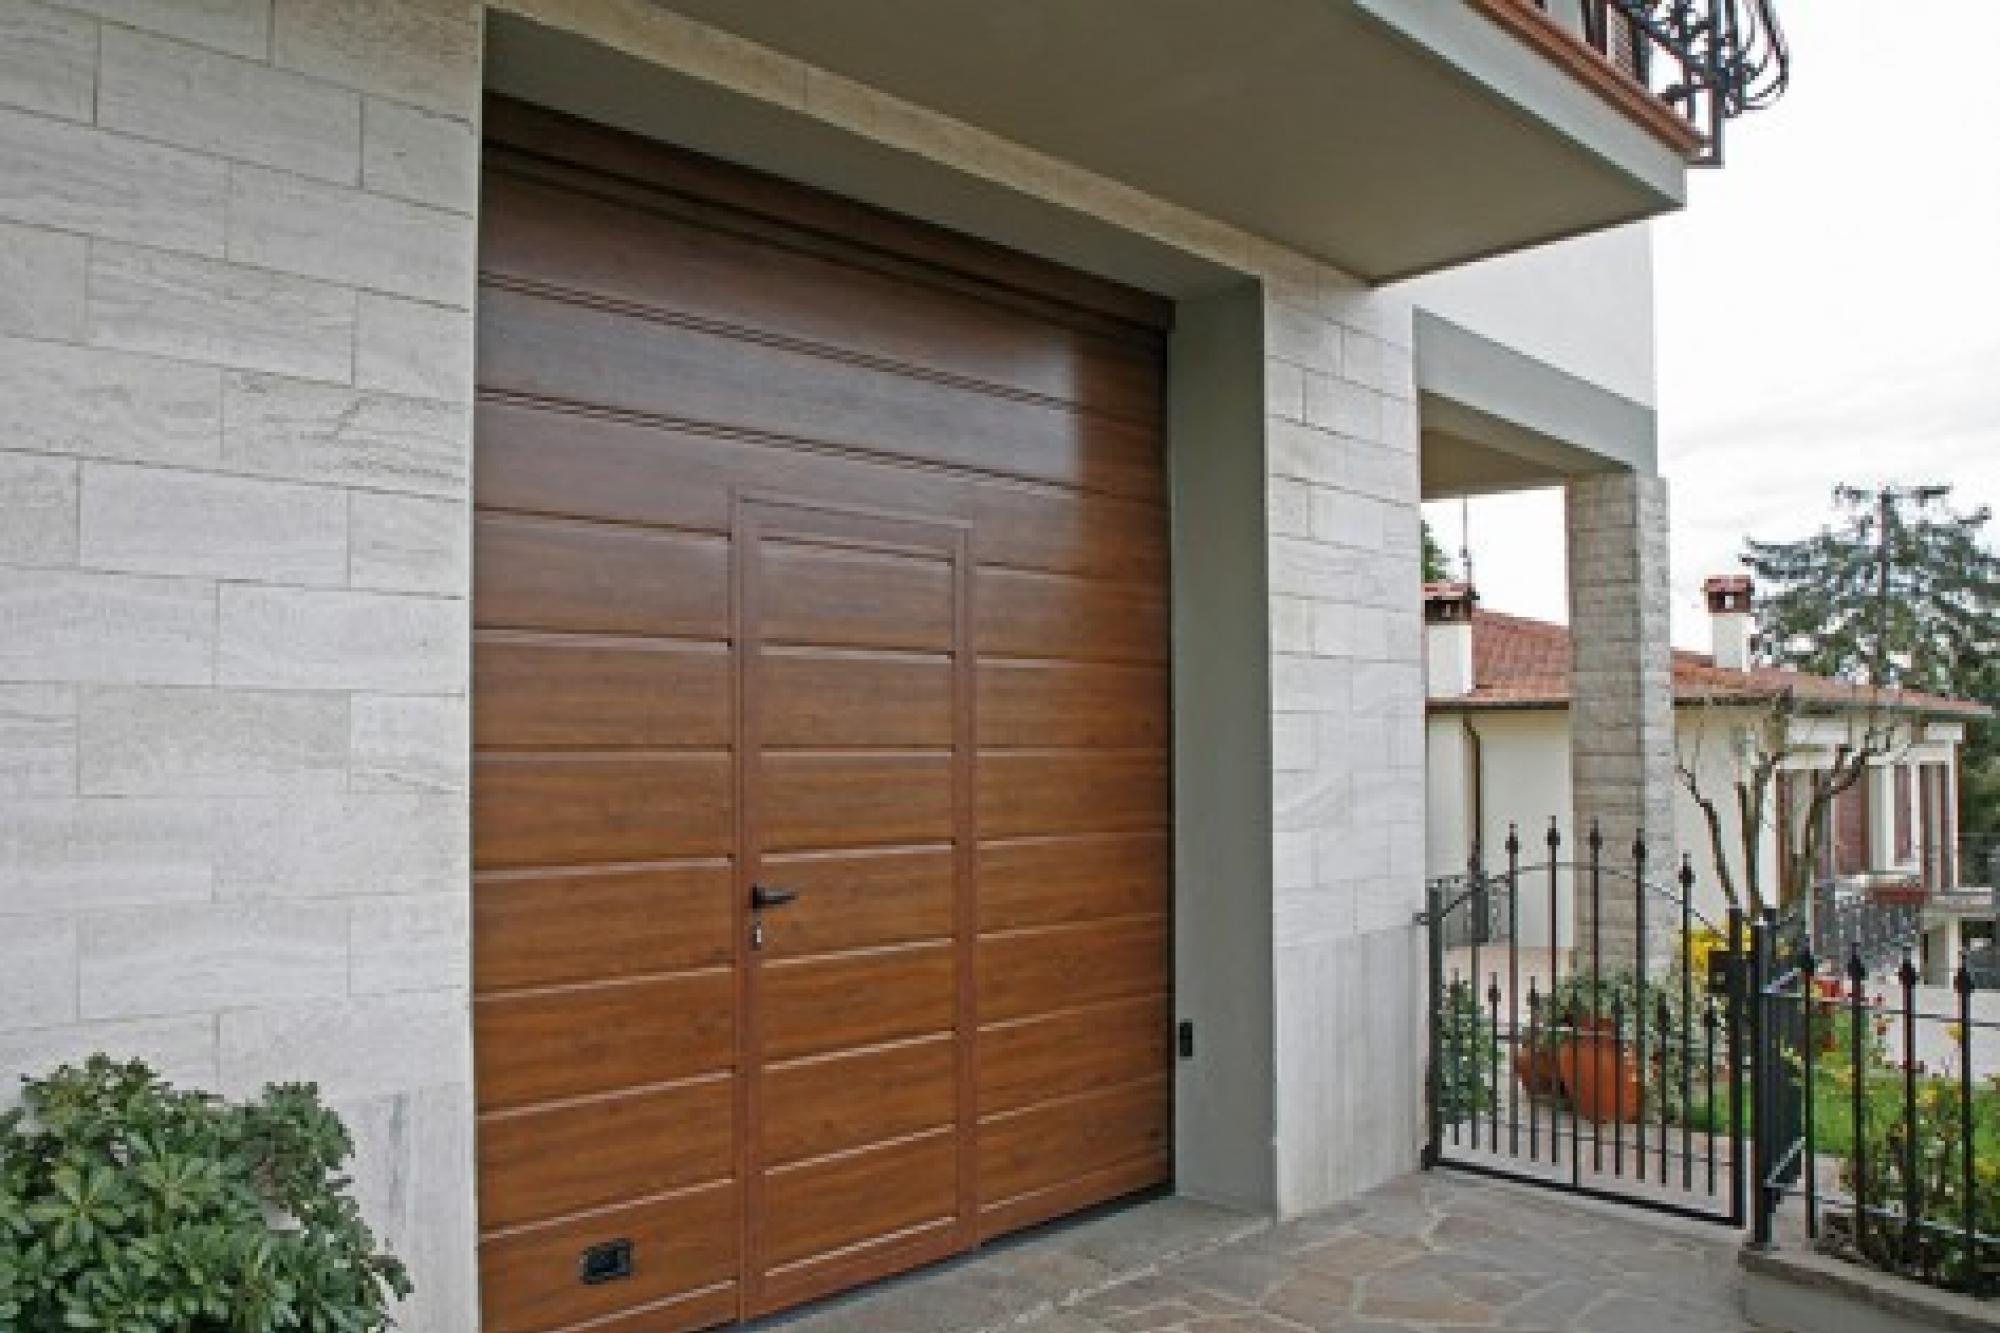 Porte e portoni sezionali per garage richiedi prezzo o - Portoni garage con finestre ...